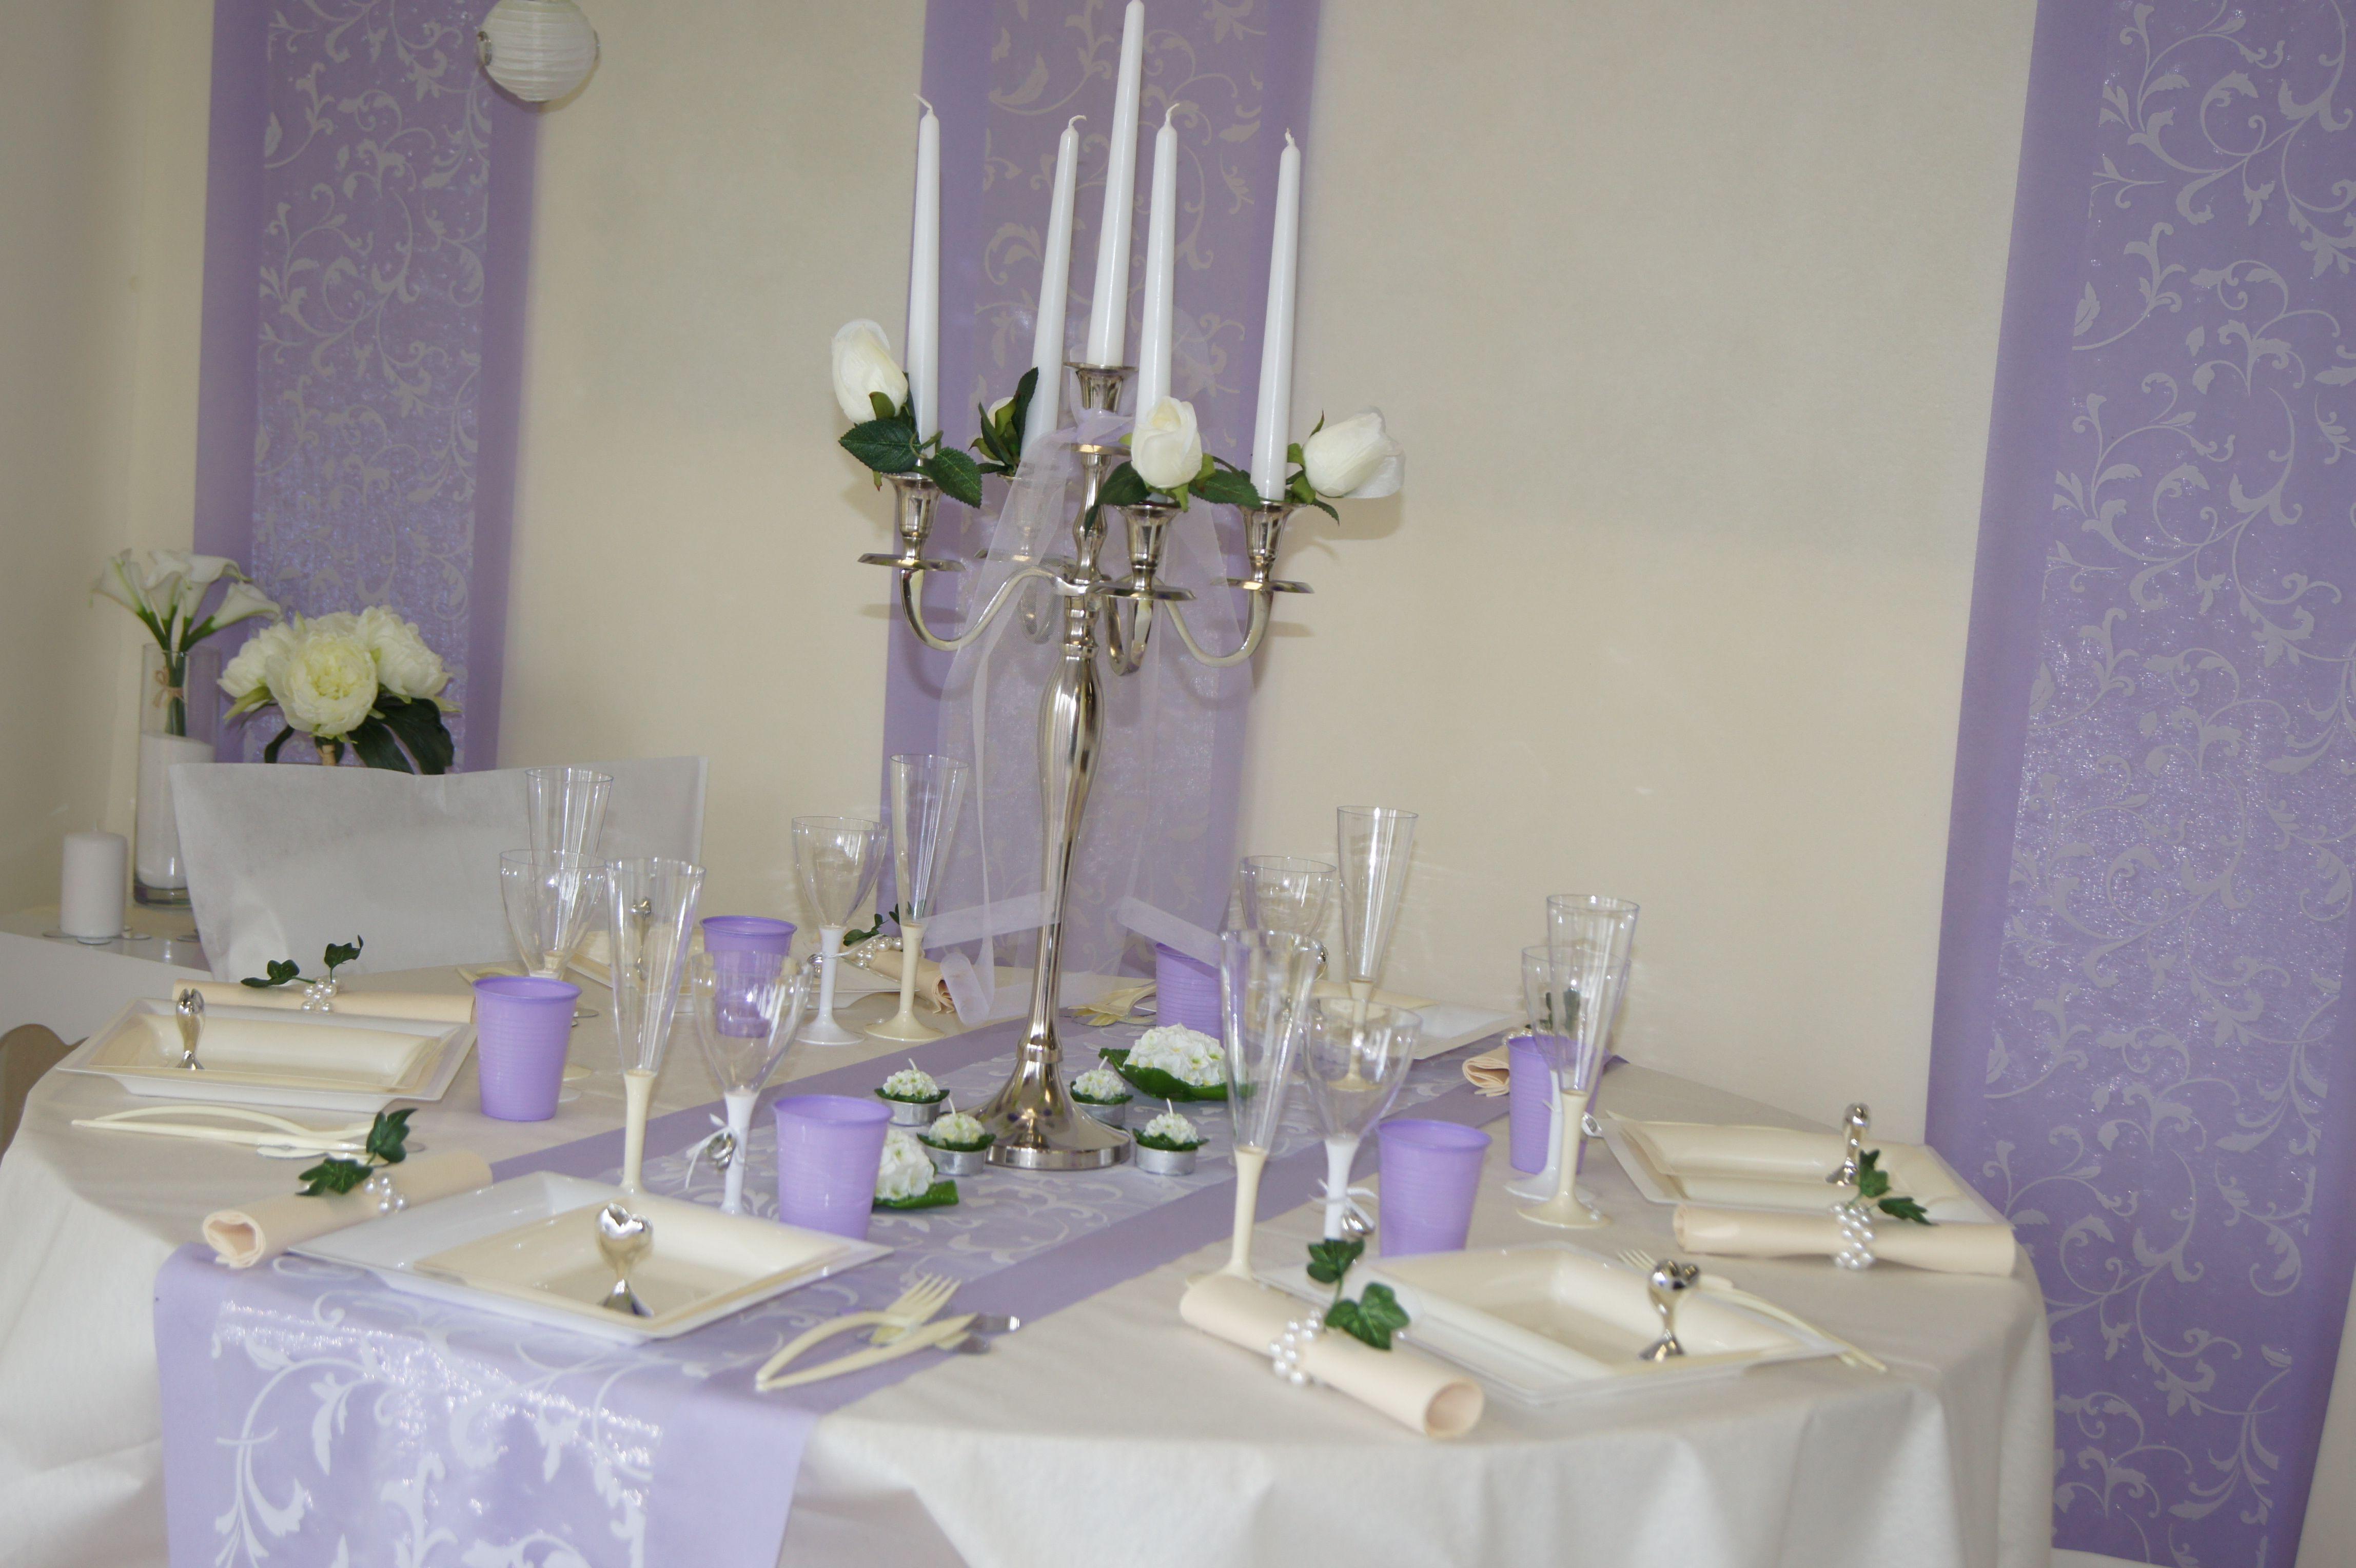 D Coration De Table Mariage Blanc Mauve Www Le Geant De La